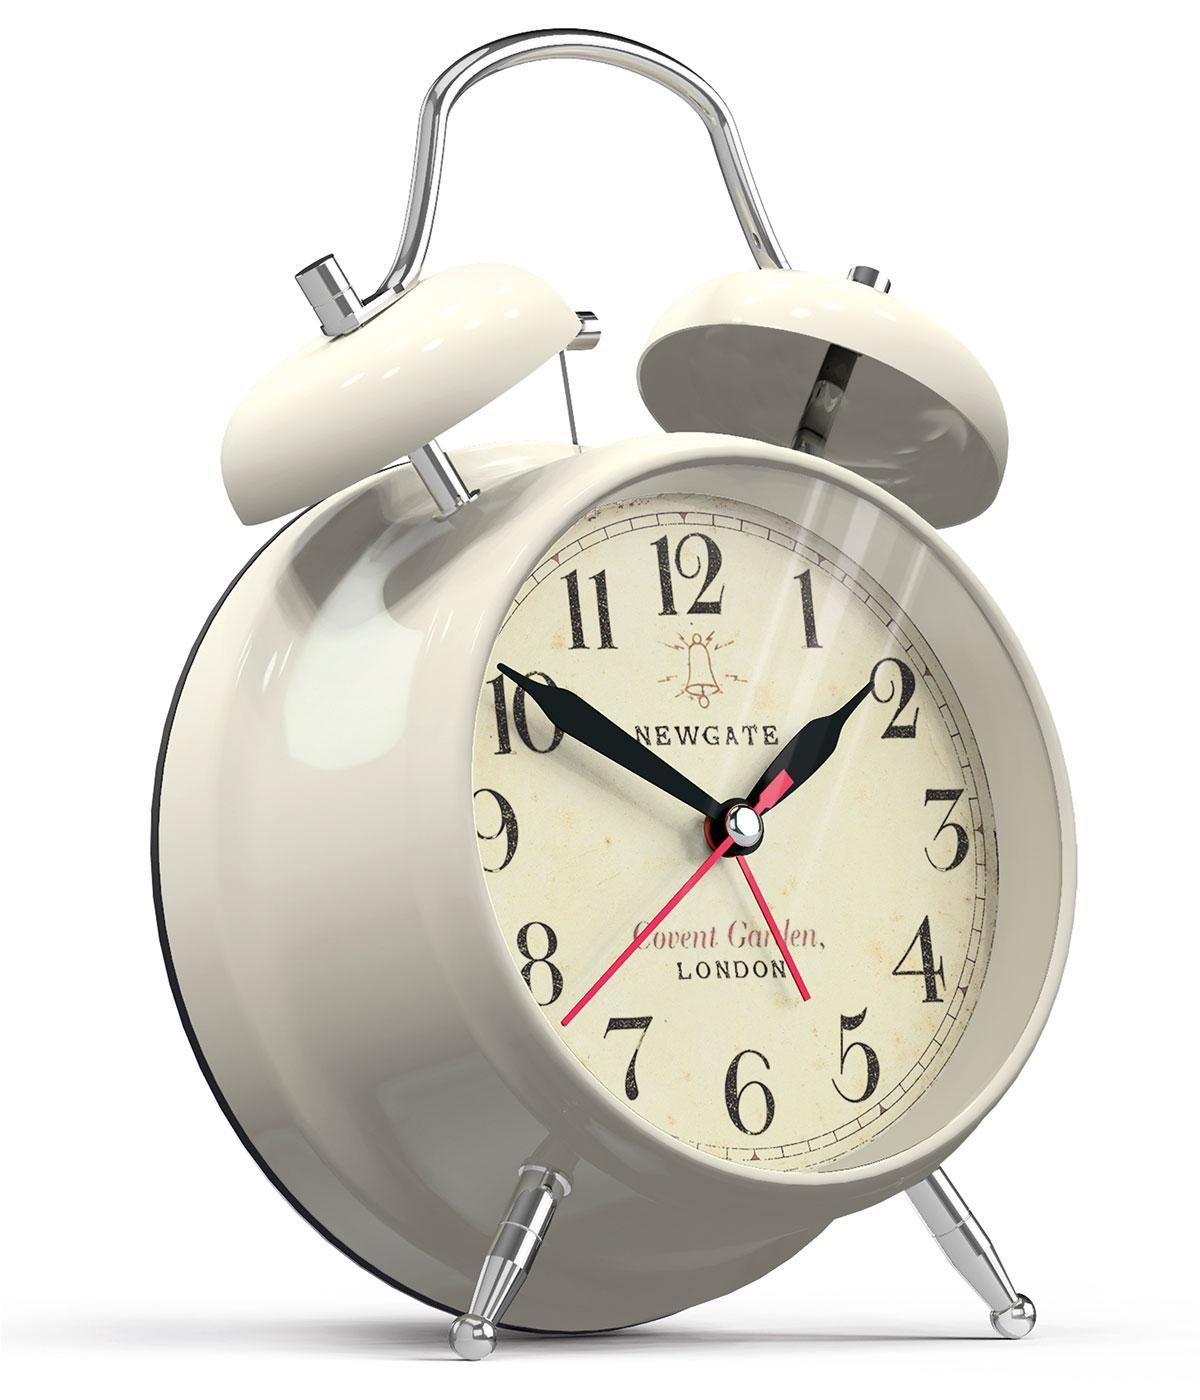 Covent Garden NEWGATE Retro Bell Alarm Clock